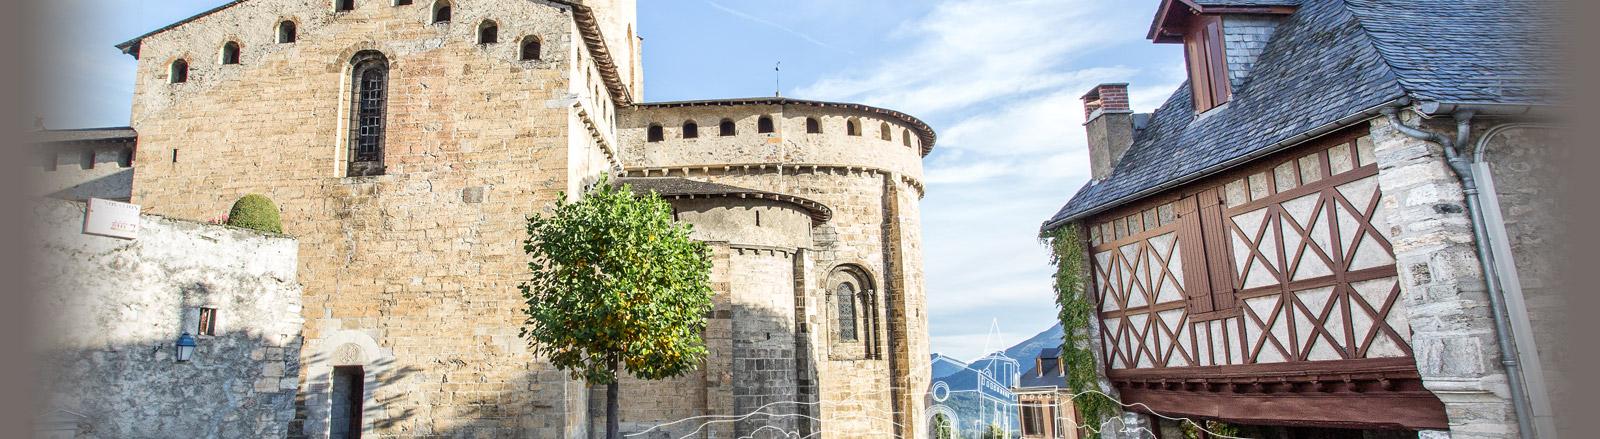 Saint-Savin dans les Hautes-Pyrénées - Argelès-Gazost